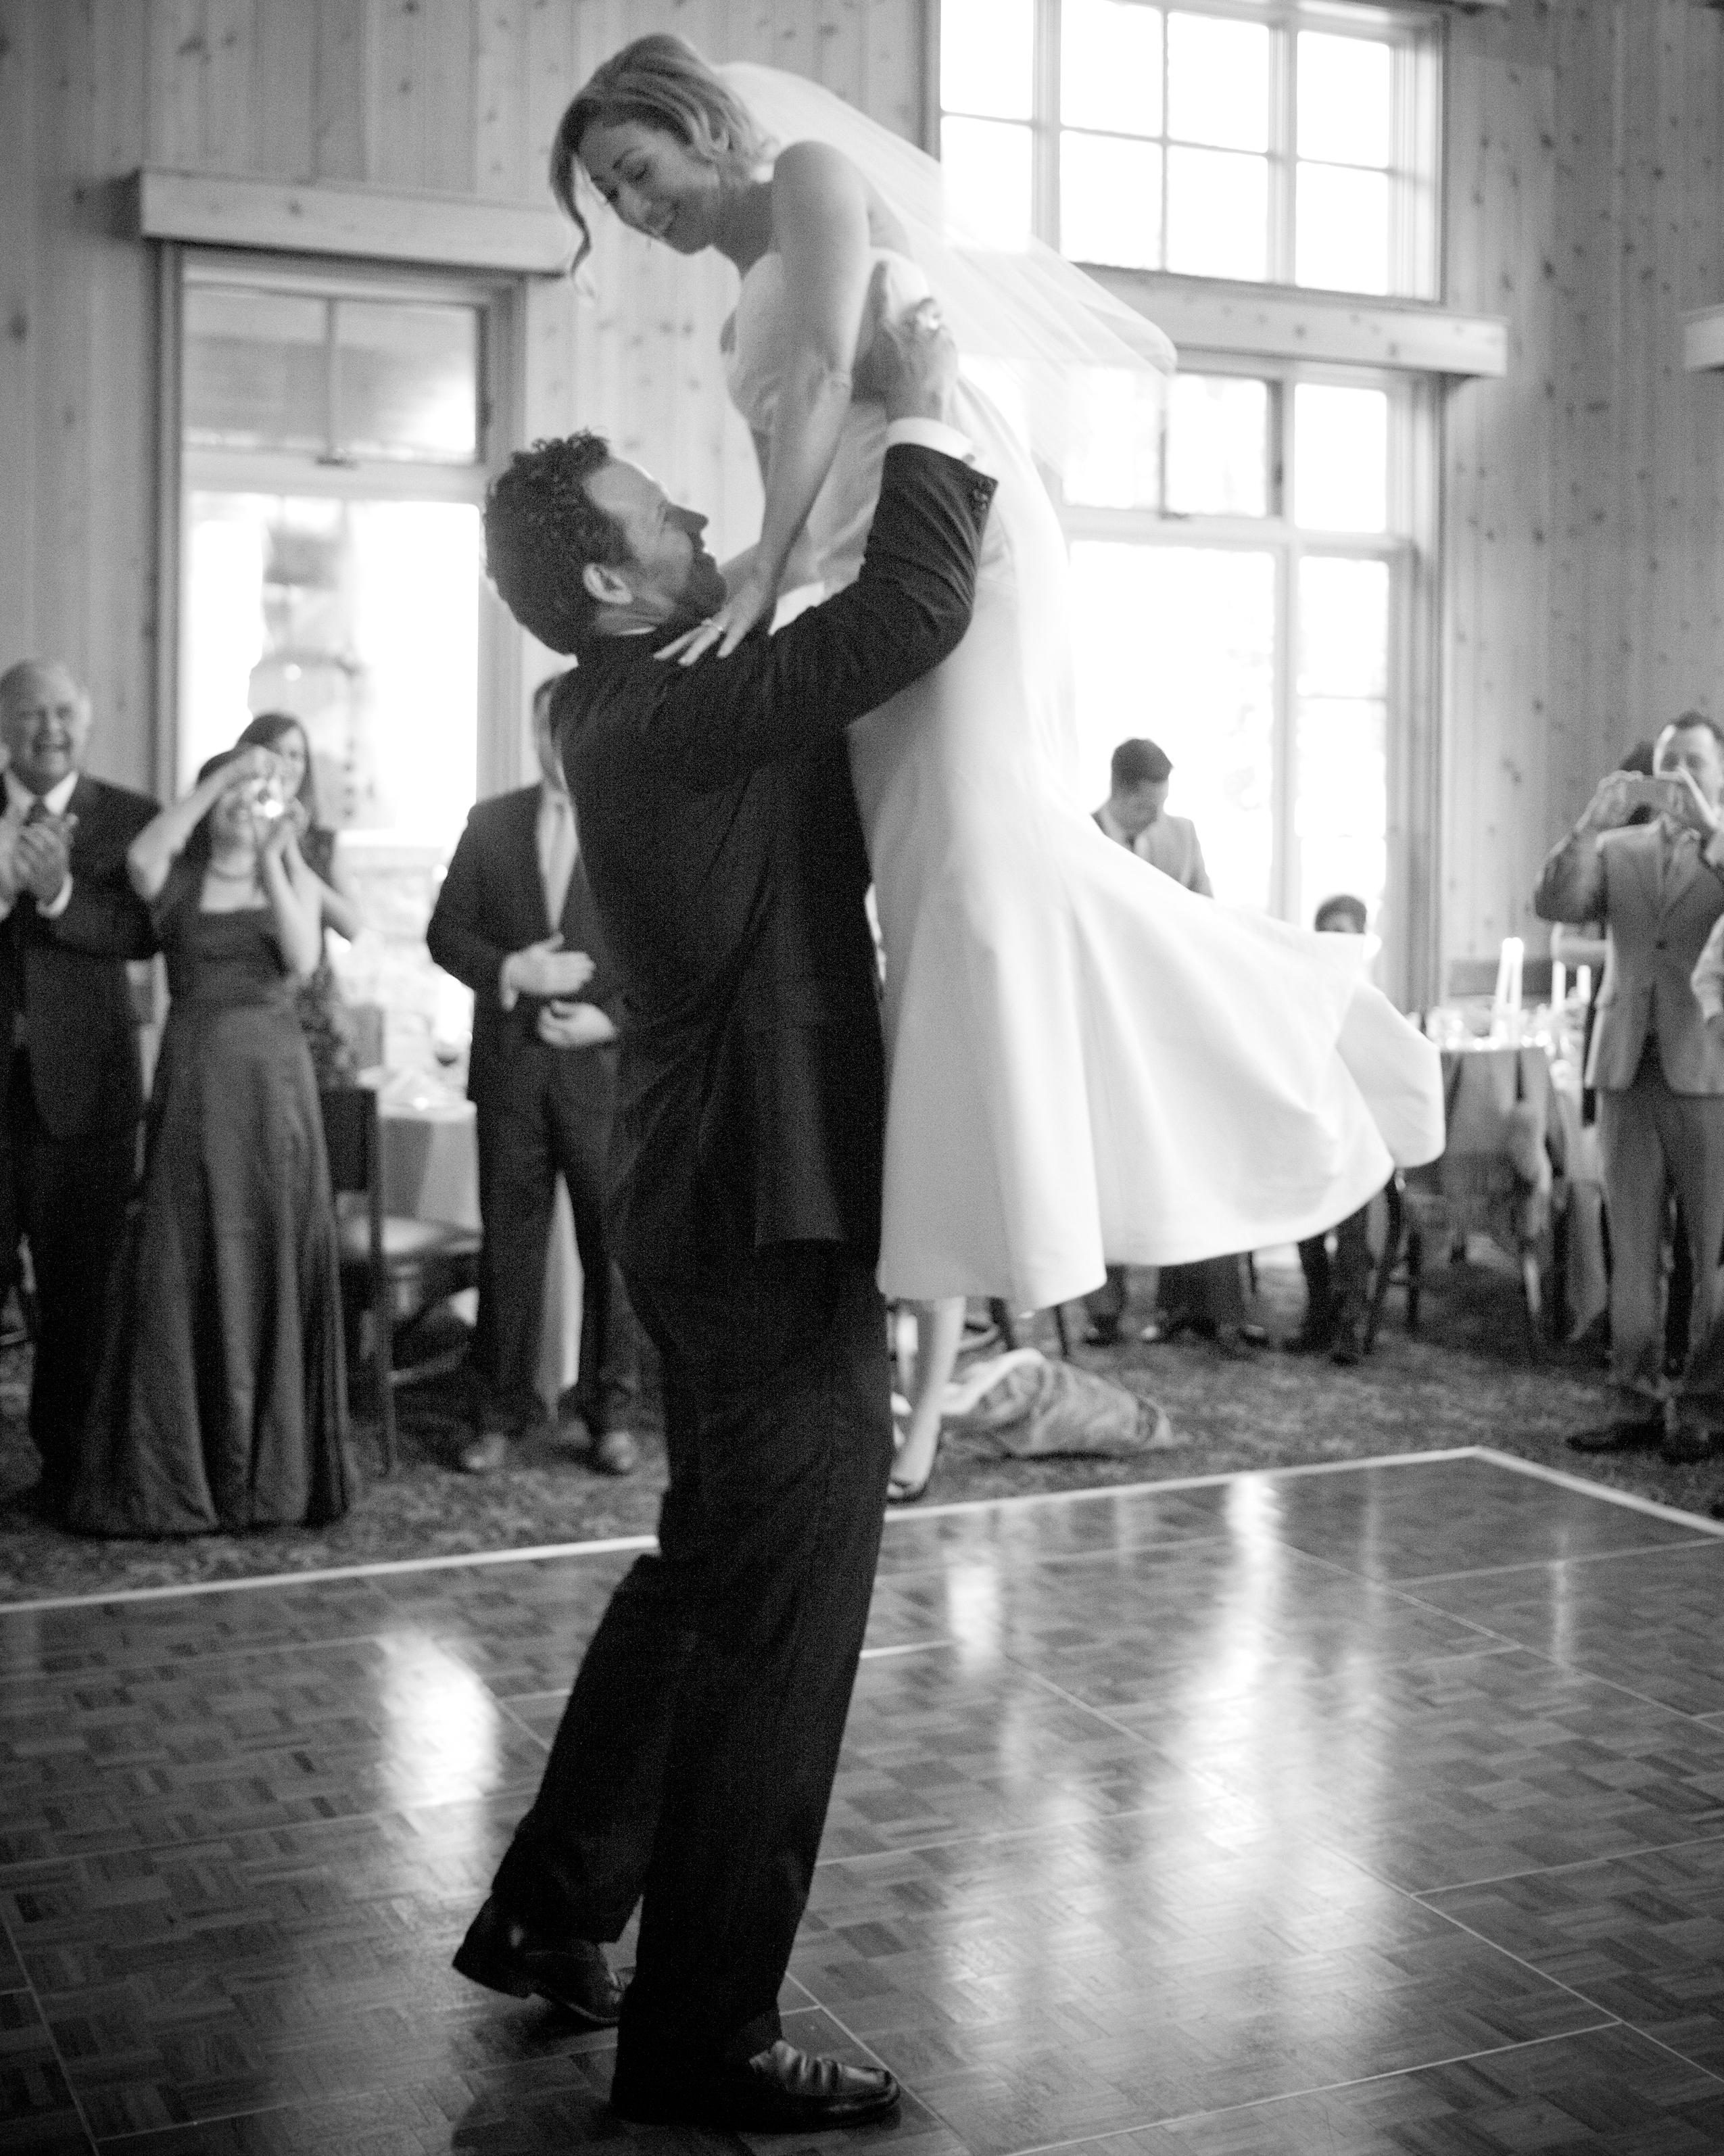 genevieve-eric-wedding-356-s111810.jpg